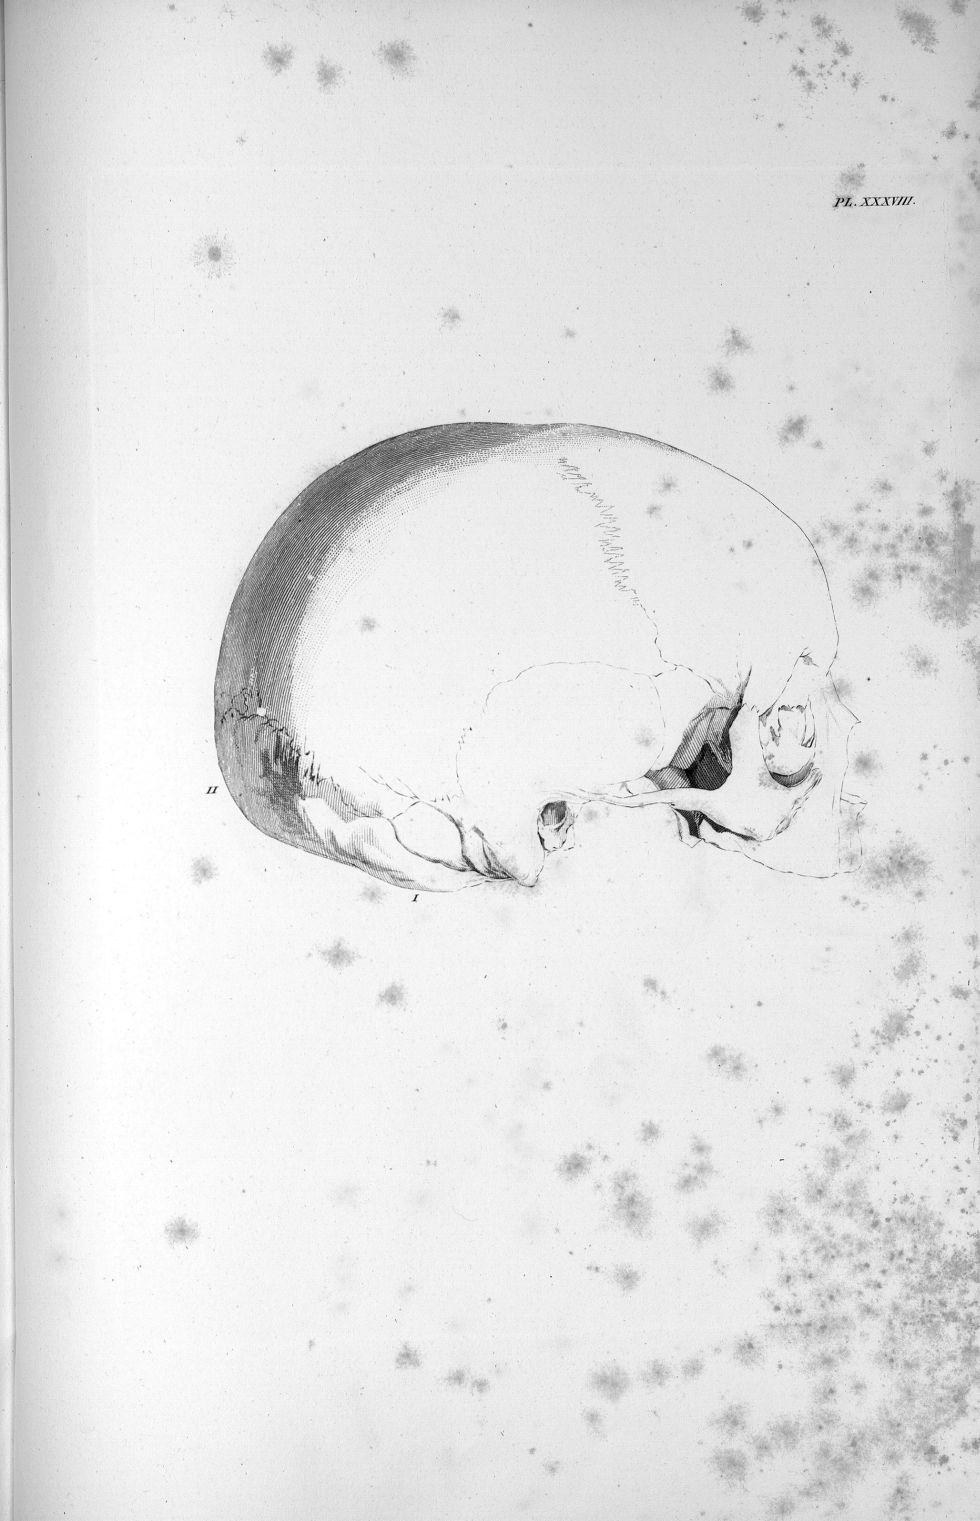 Pl. XXXVIII. Crâne d'une fillette de six ans - Anatomie et physiologie du système nerveux en général [...] - Anatomie. Neurologie. Crânes. 19e siècle (France) - med00575x02x0371